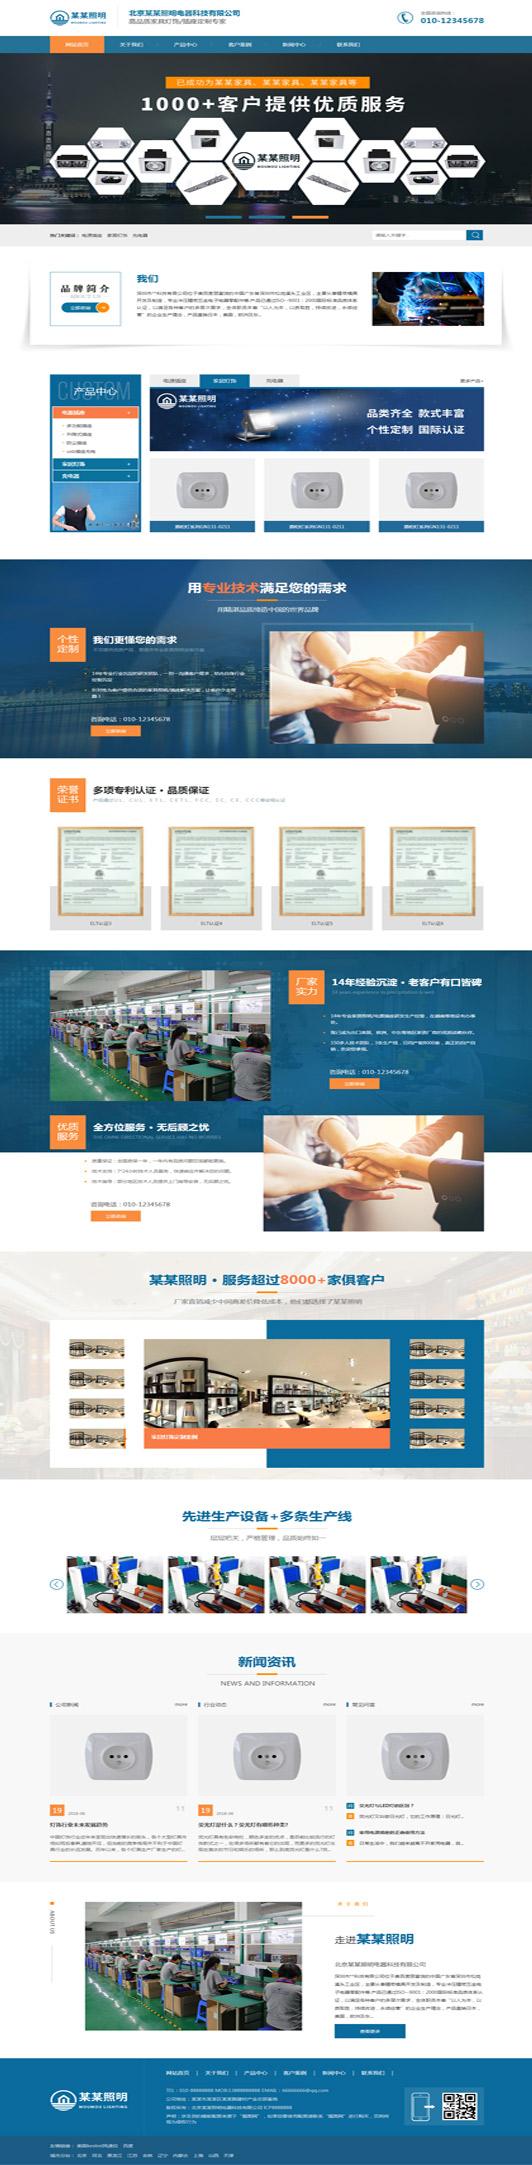 照明电器科技公司网站营销式模板